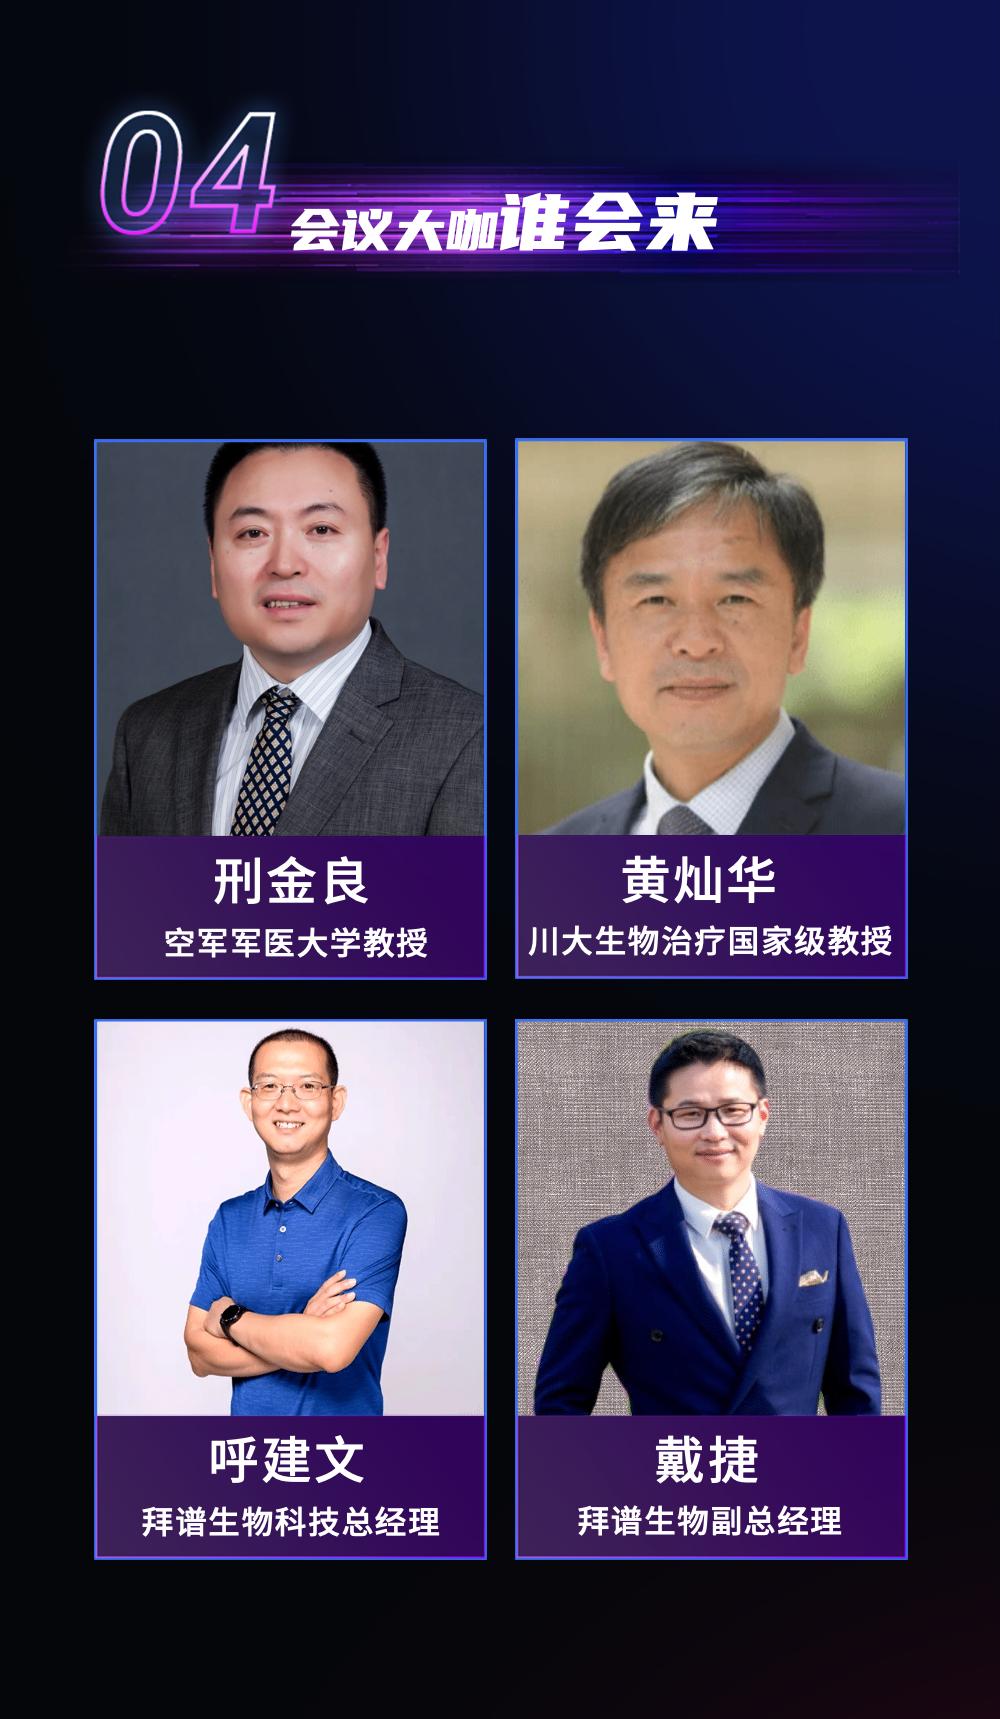 拜谱B14展位丨广州·2020中国肿瘤标志物学术大会